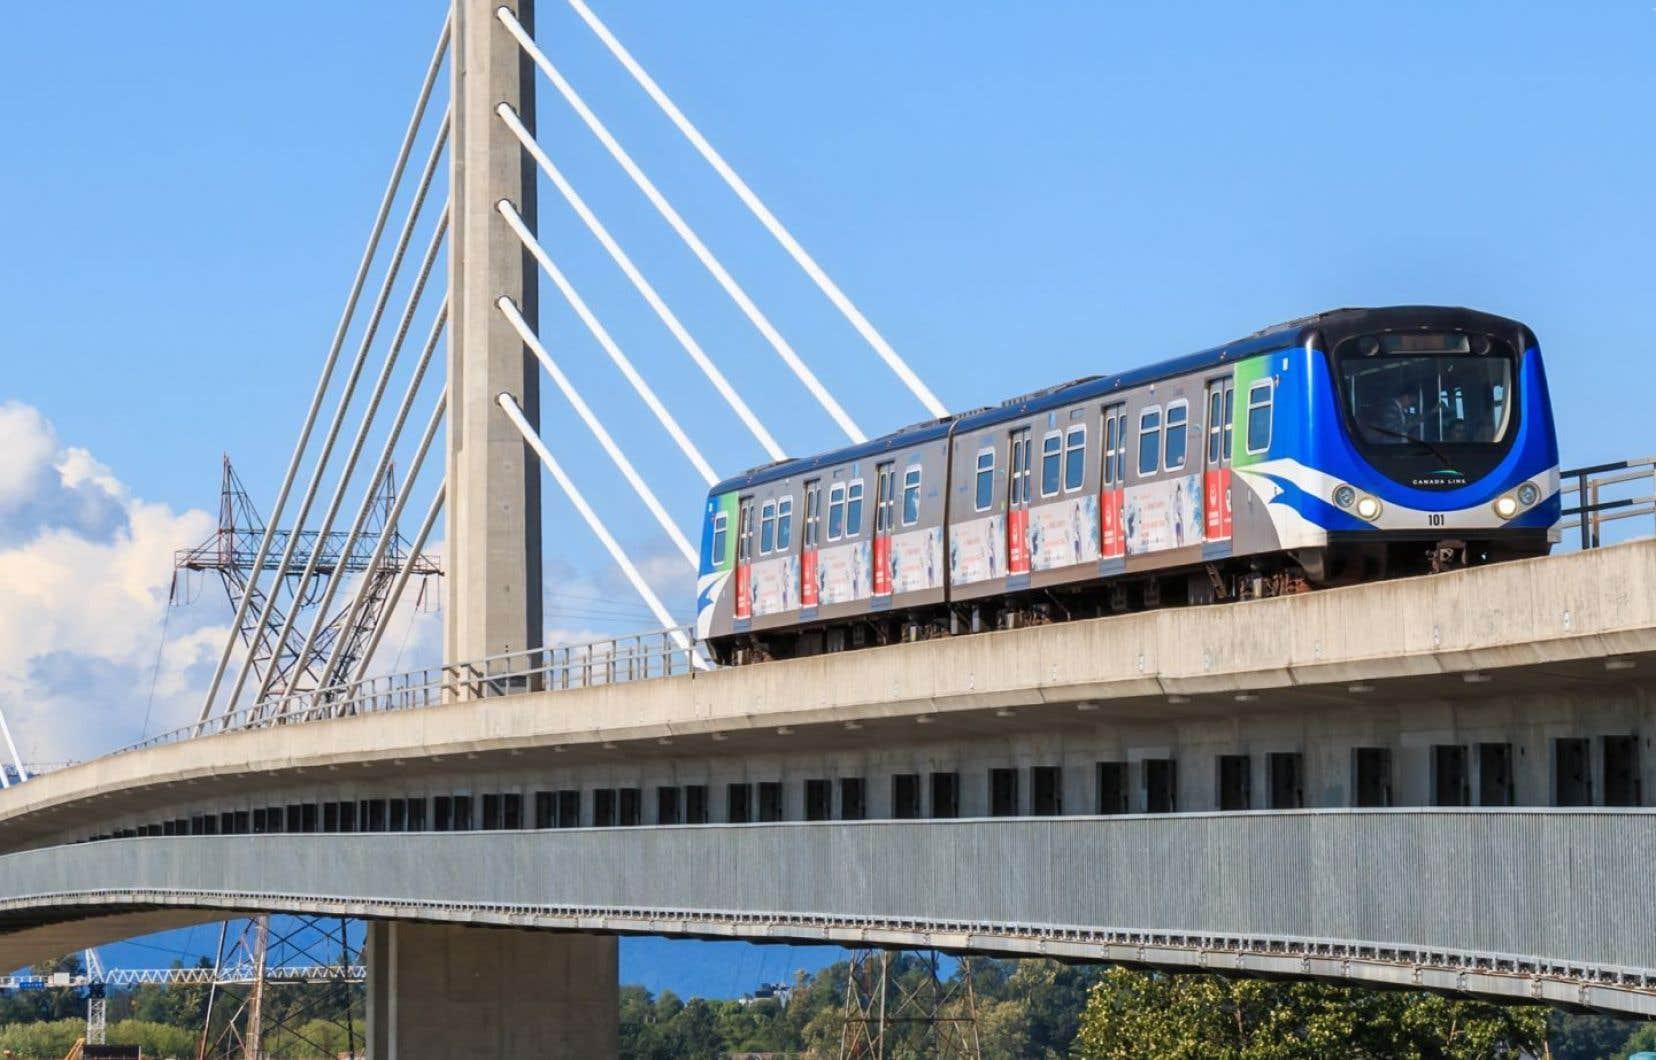 Un train de la Canada Line de Vancouver, aussi un système léger sur rail, impressionne par sa vitesse et sa fiabilité.